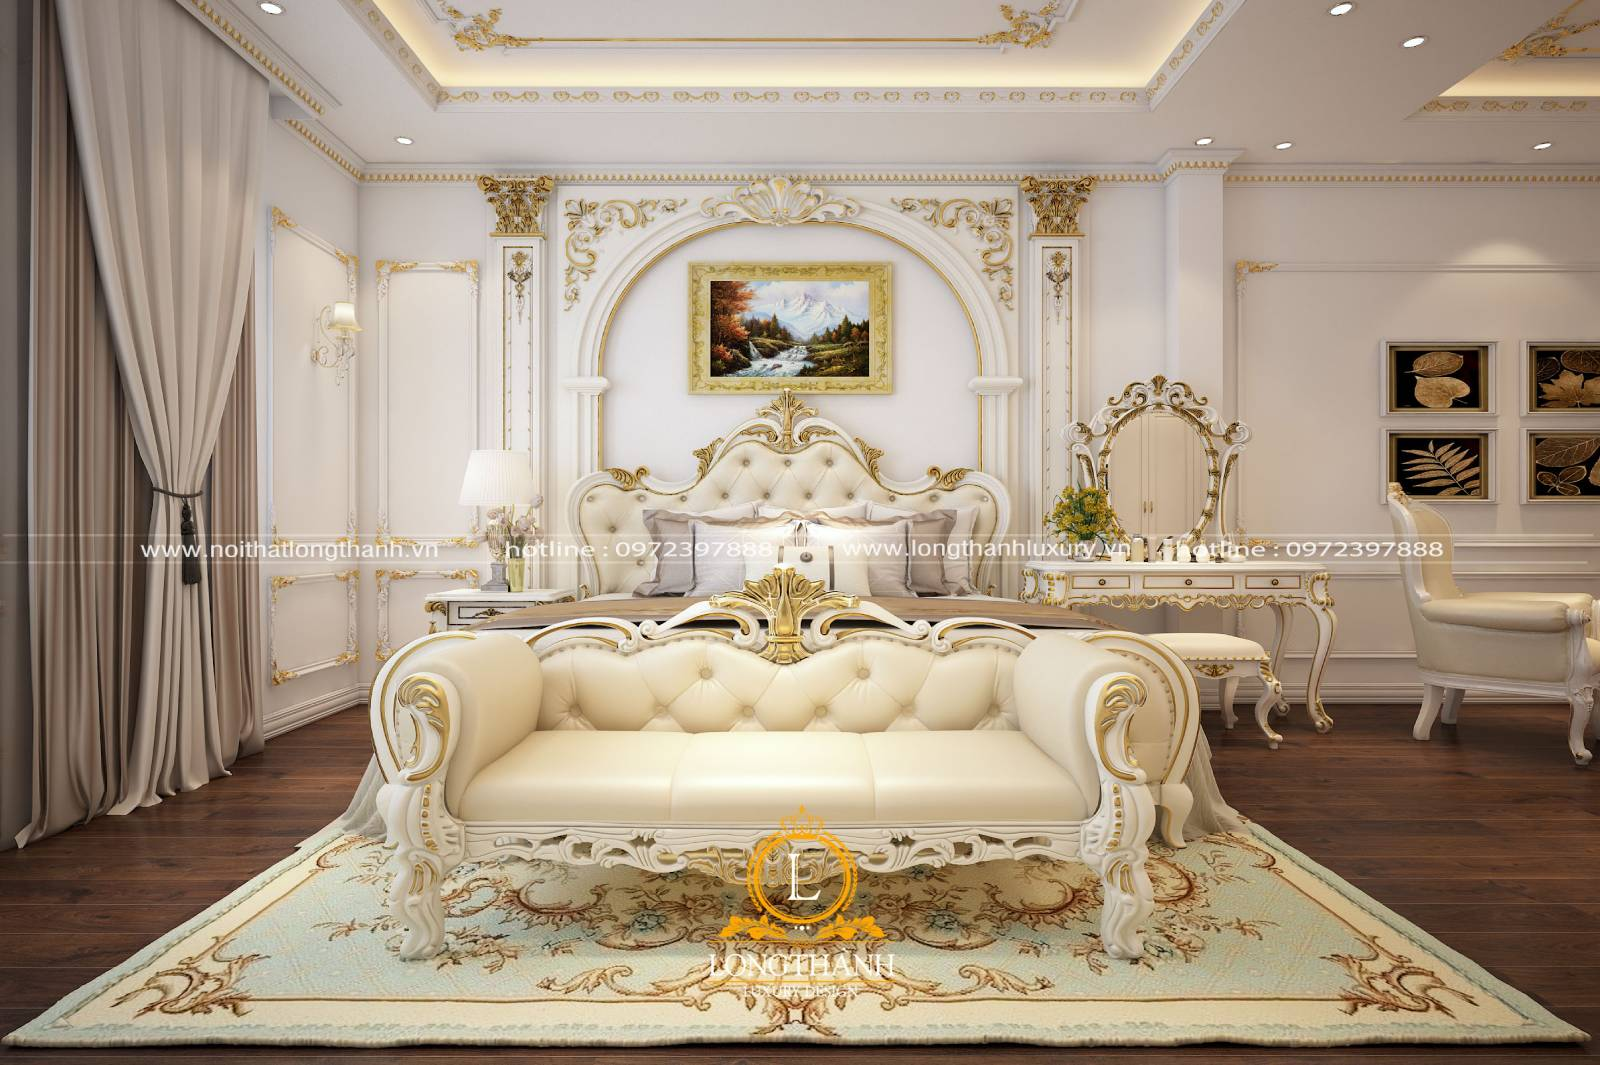 Phòng ngủ rộng theo phong cách tân cổ điển lấy tone màu trắng làm chủ đạo